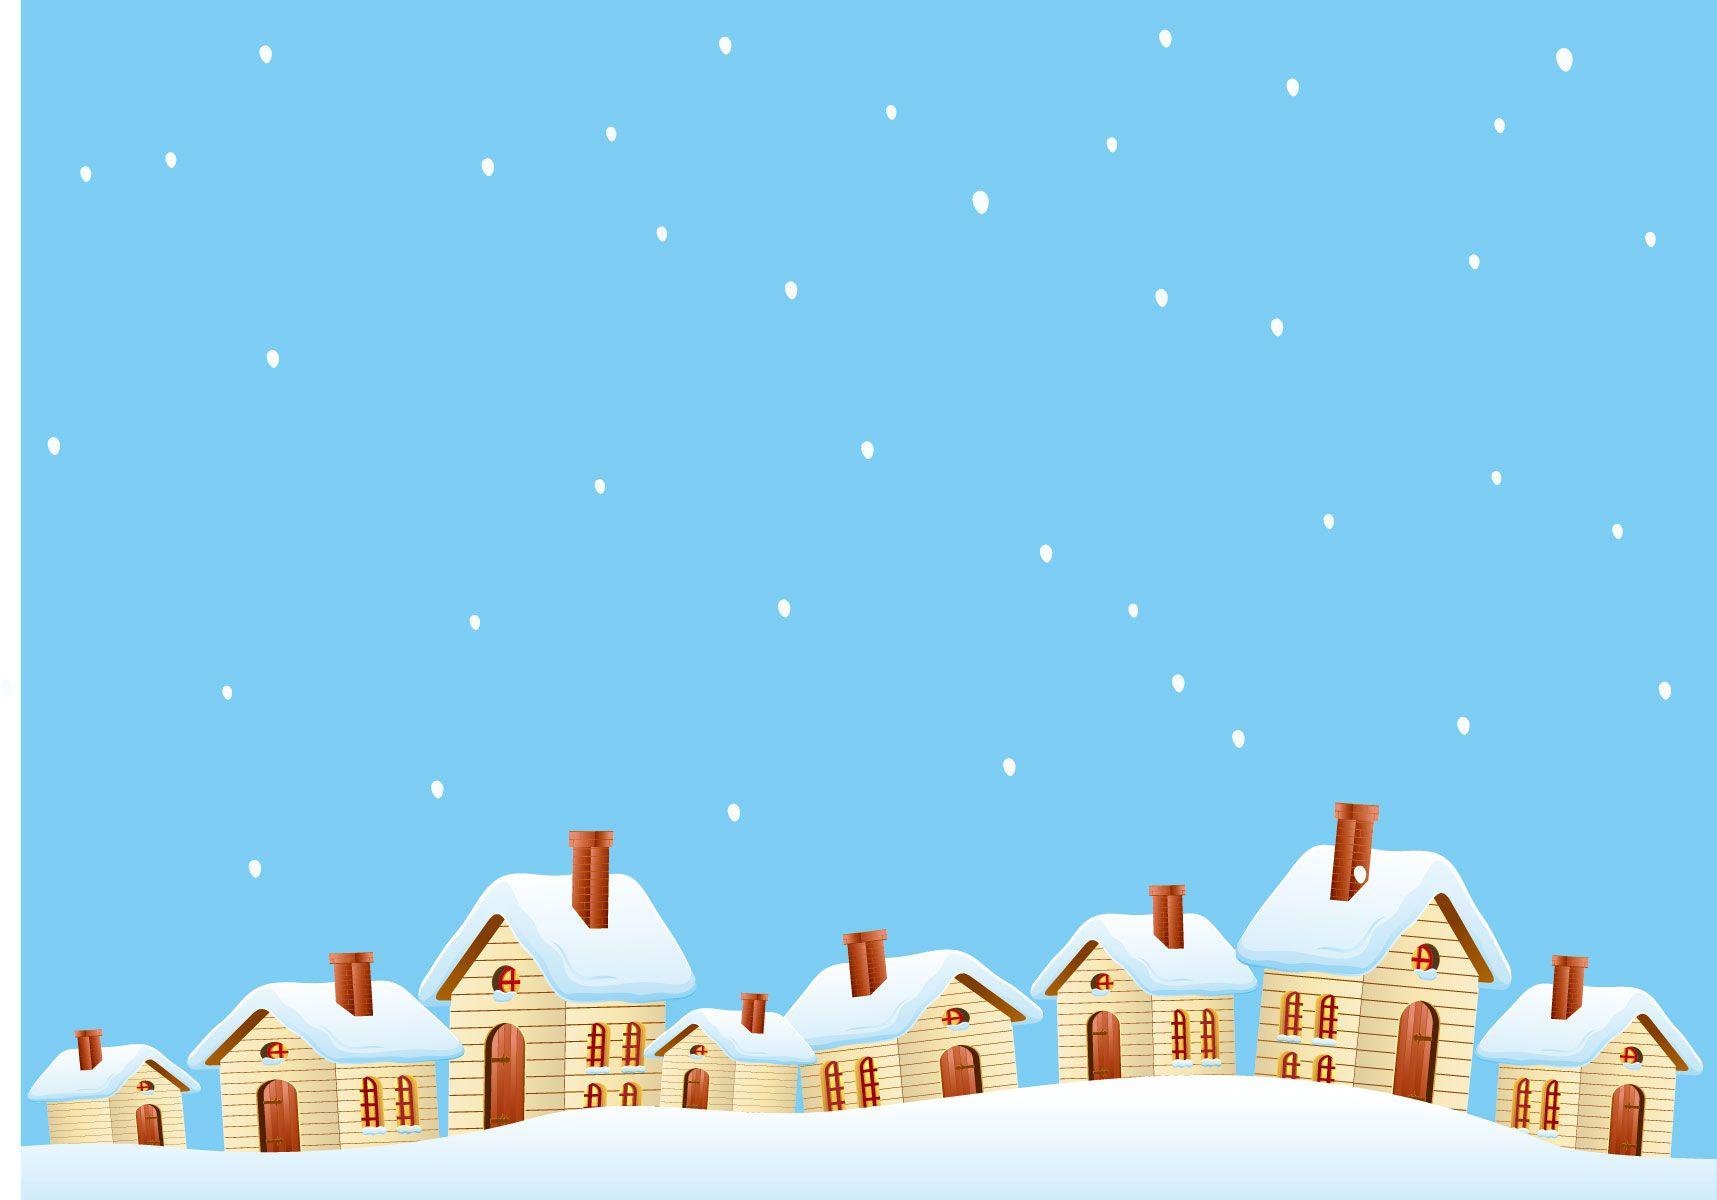 冬の画像サンプル-雪積もる家々 | 季節〜冬、winter | pinterest | snow